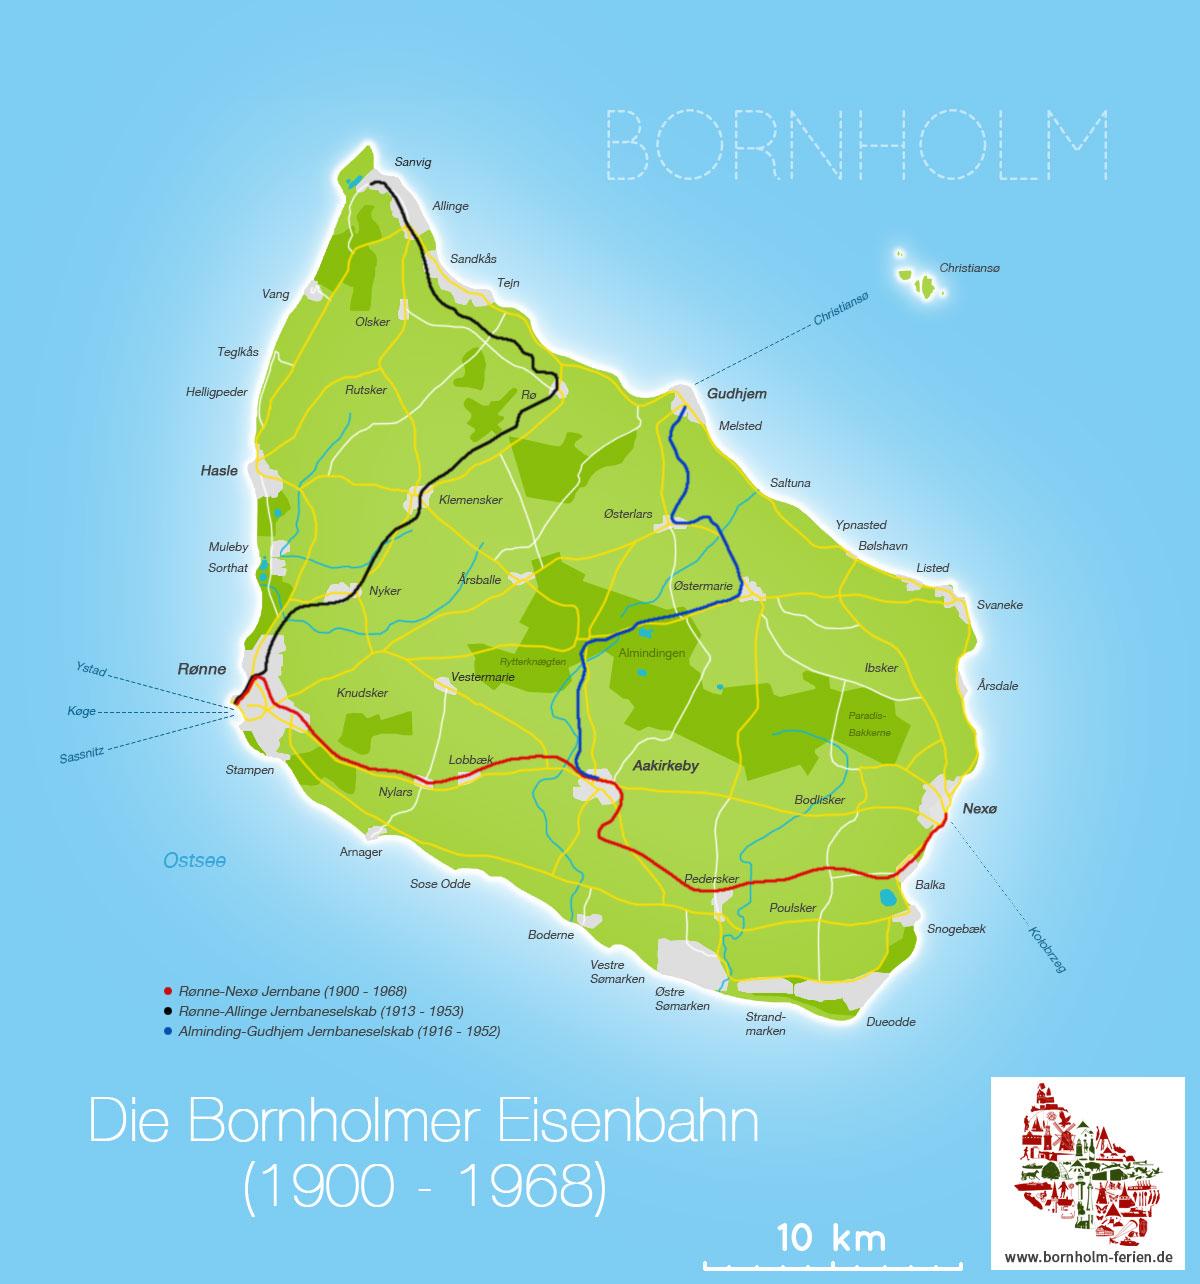 karte eisenbahnnetz dänemark Bornholms Eisenbahn (DBJ)   Geschichte, Eisenbahnlinien